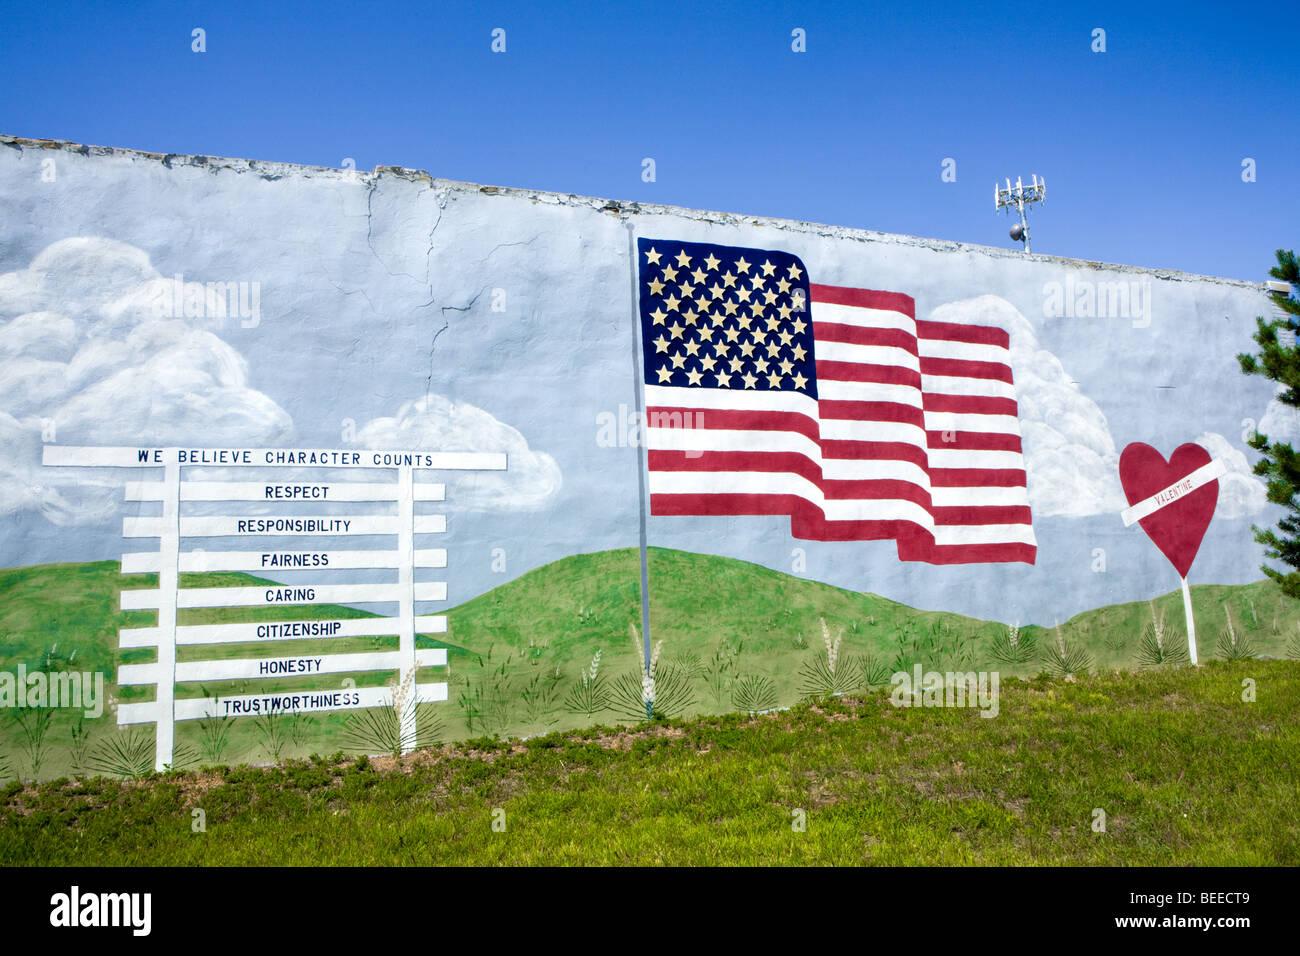 A conservative mural in Valentine, Nebraska - Stock Image